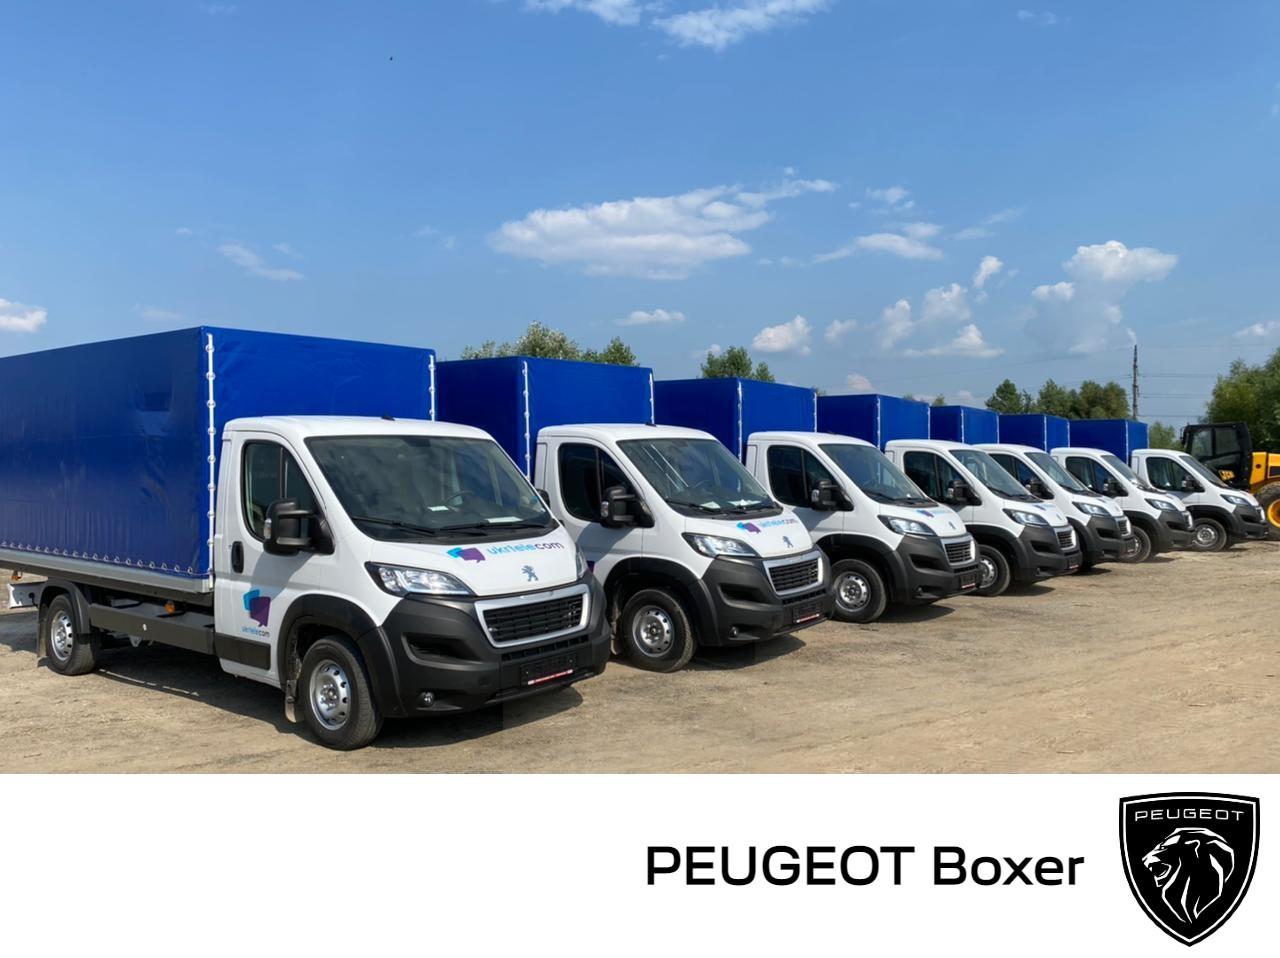 Укртелеком закупив 116 трансформованих автомобілів PEUGEOT Boxer